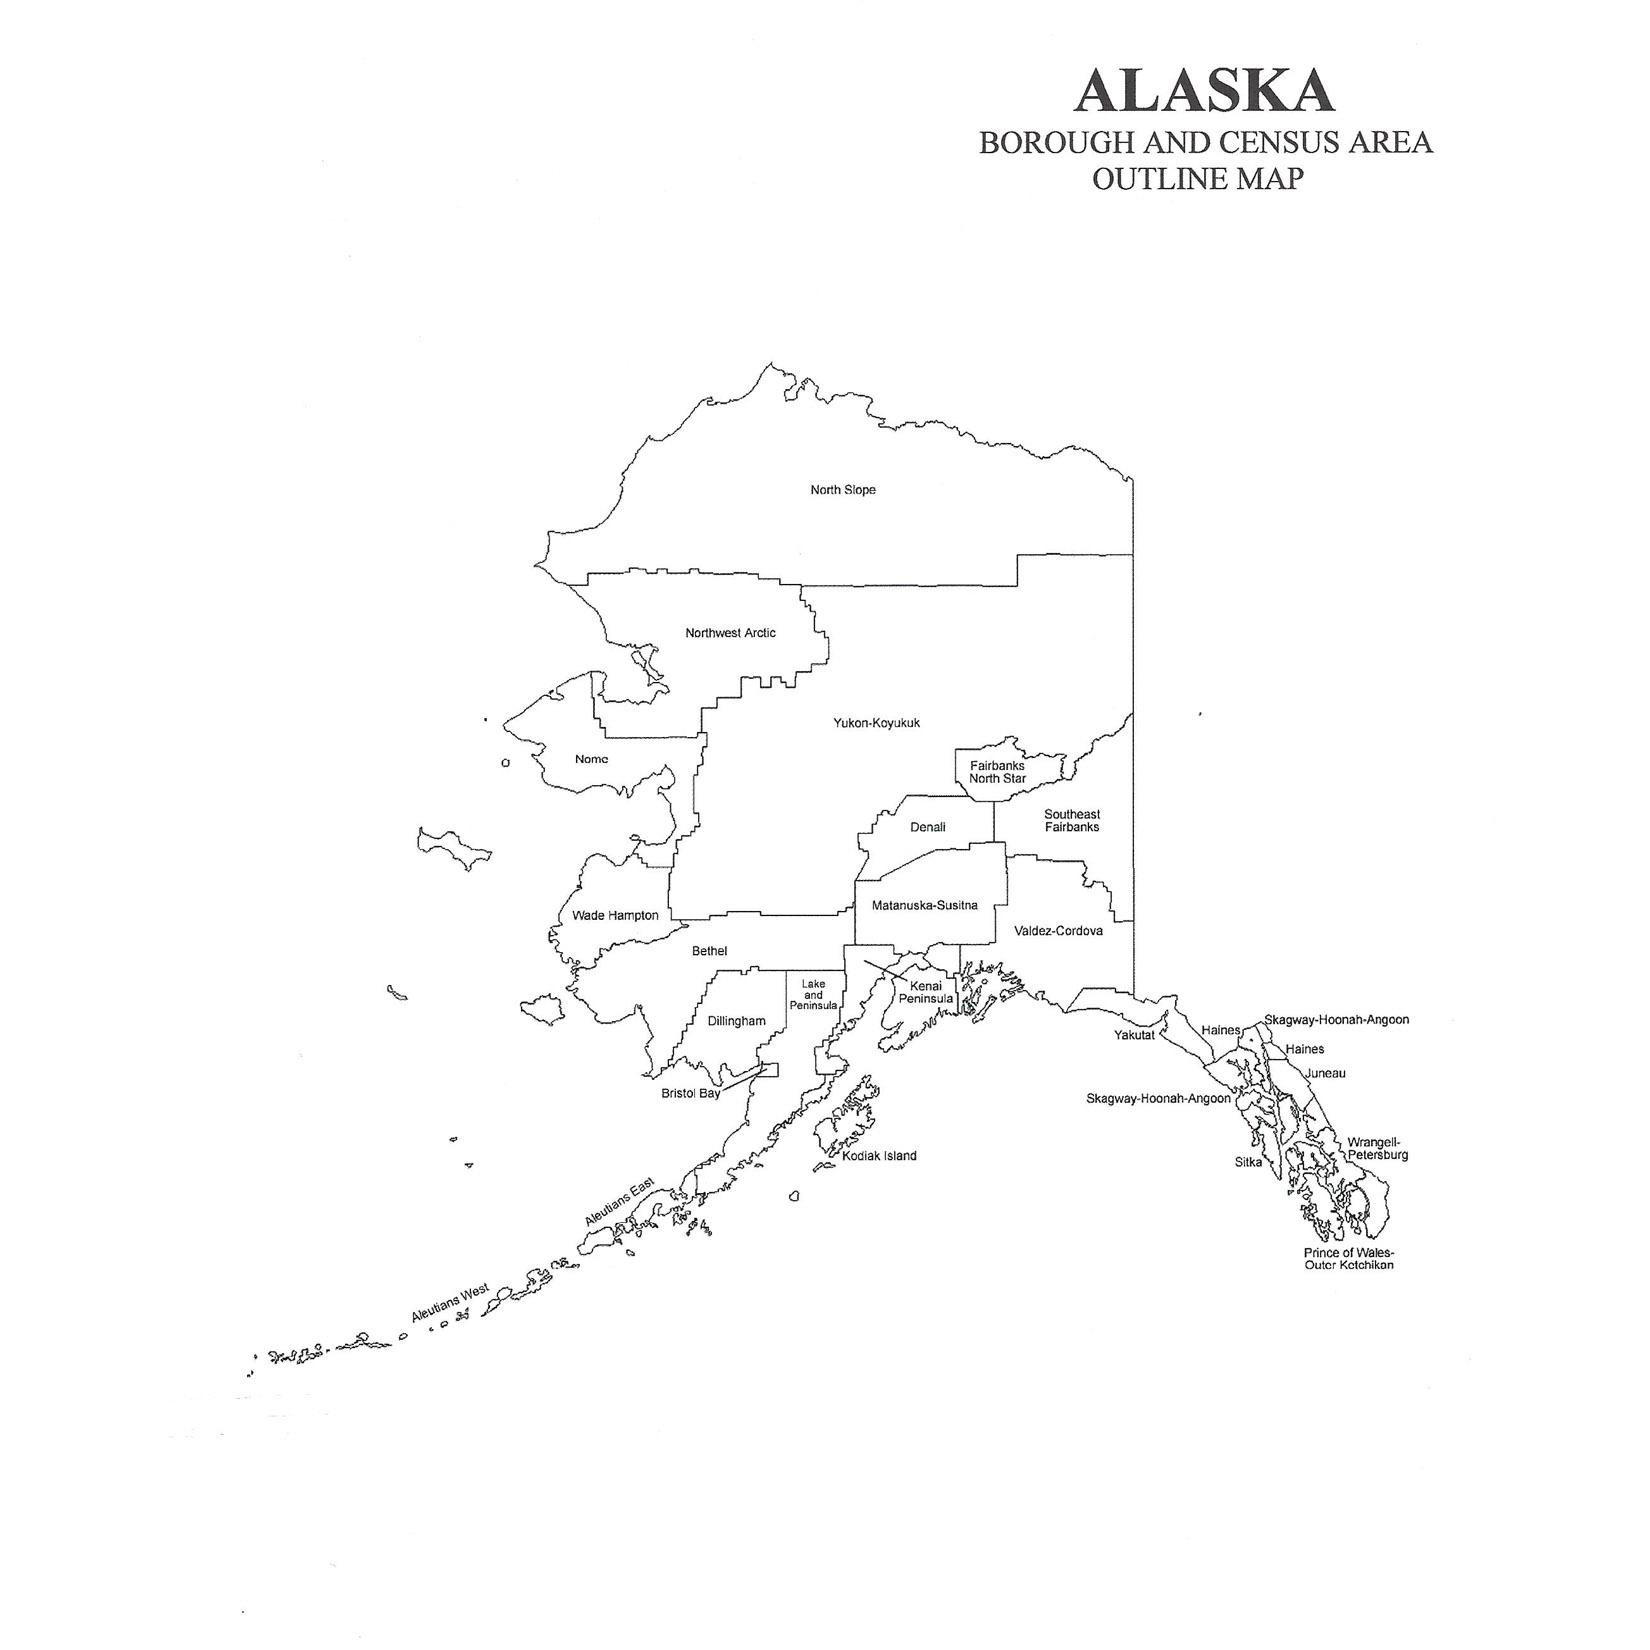 Alaska County Map Alaska Borough and Census Area Map – Jigsaw Genealogy Alaska County Map